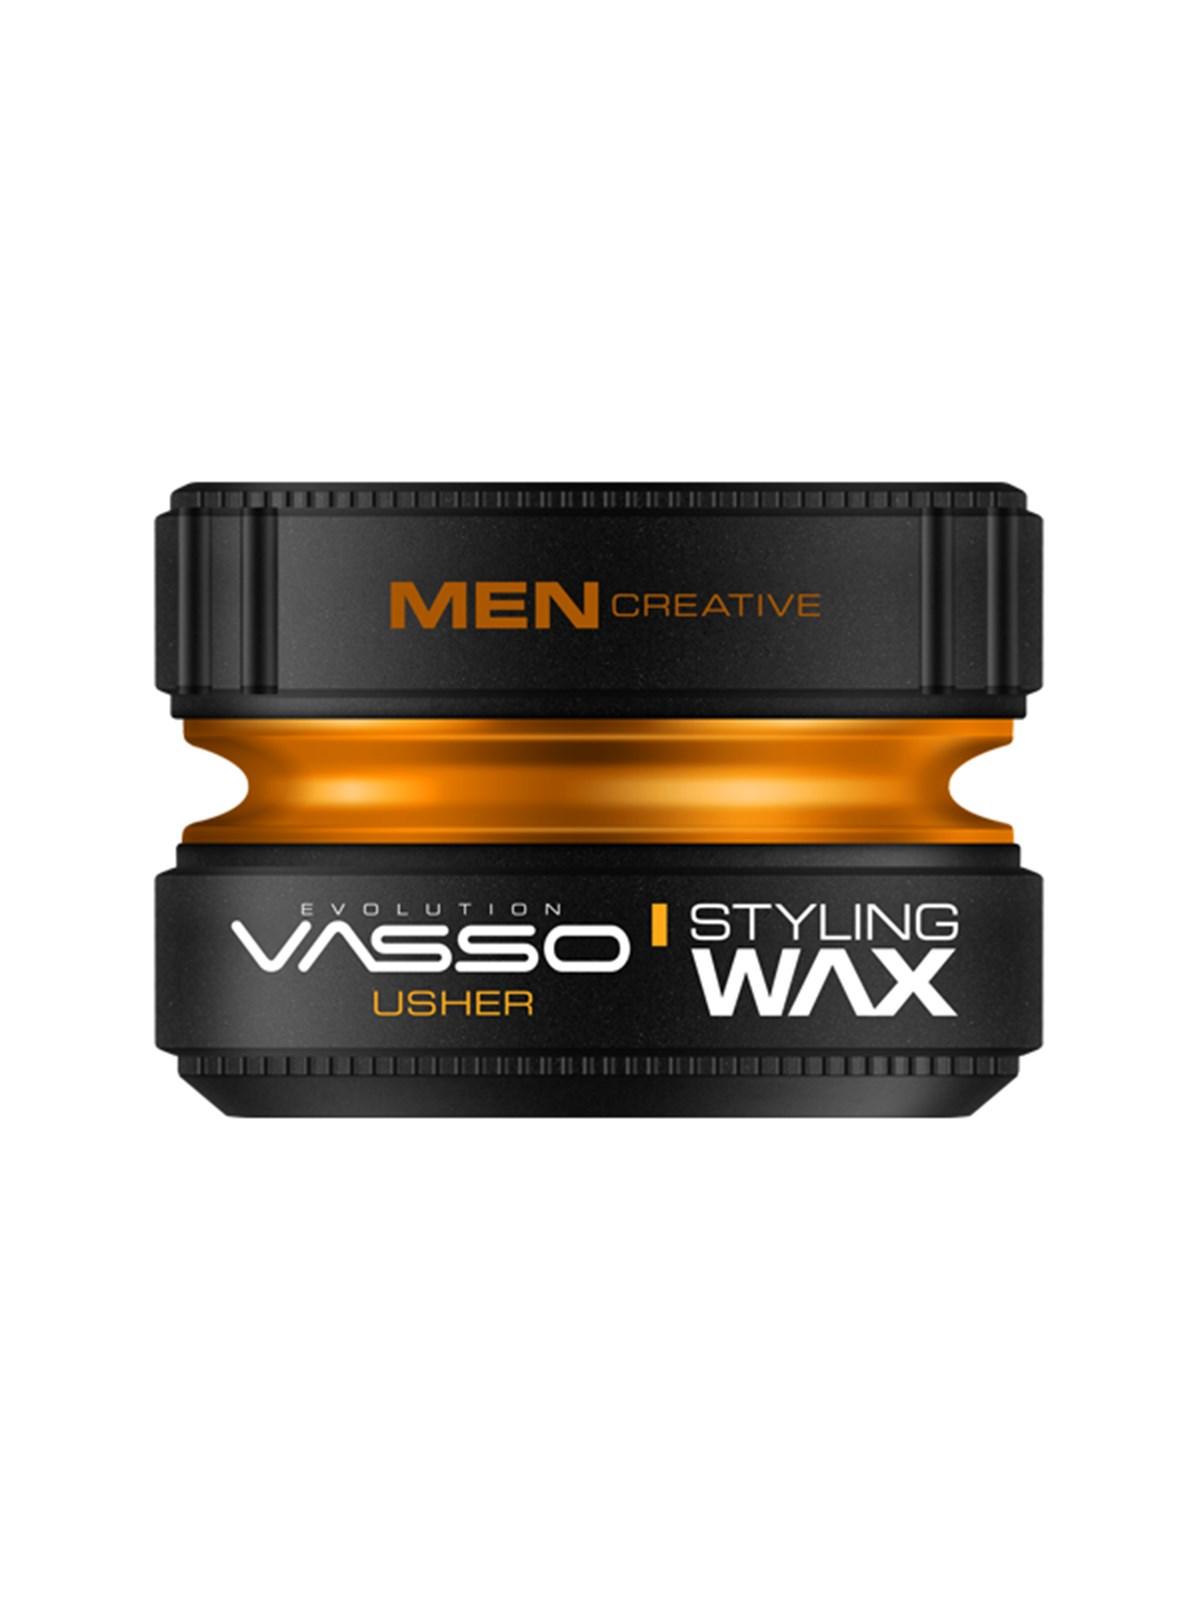 styling wax pro aqua usher 9eee